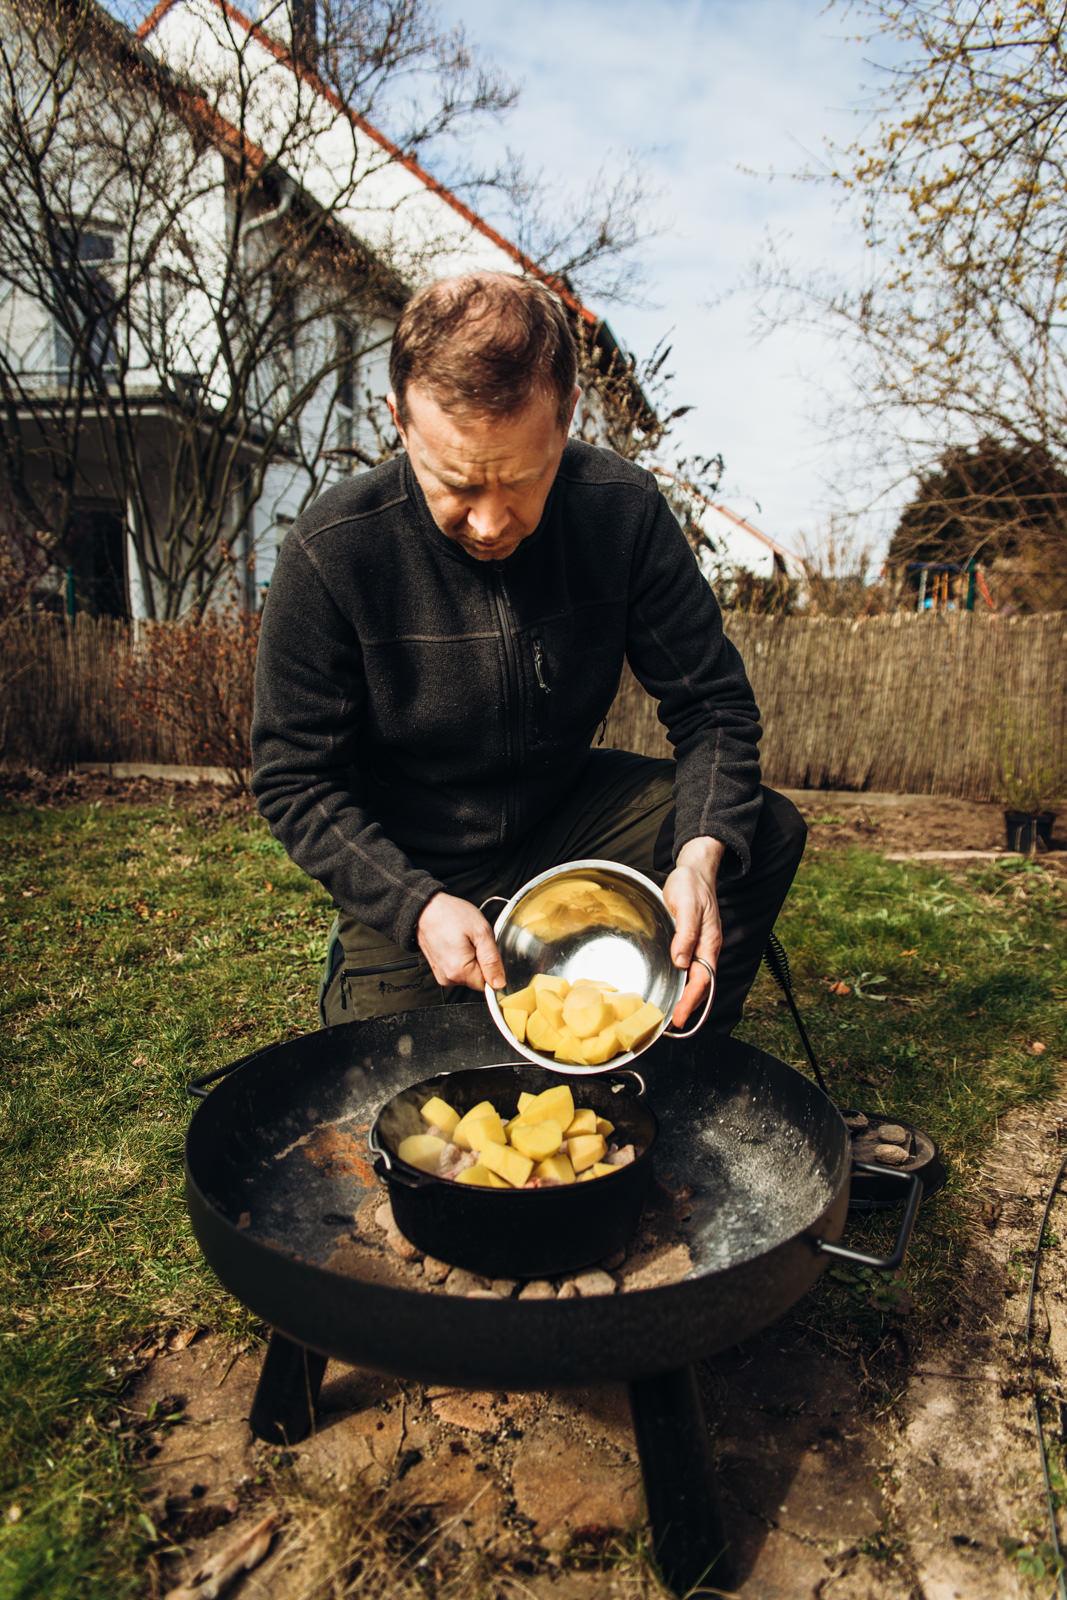 Ein Mann schüttet Kartoffeln in einen Gusseiserenen Topf